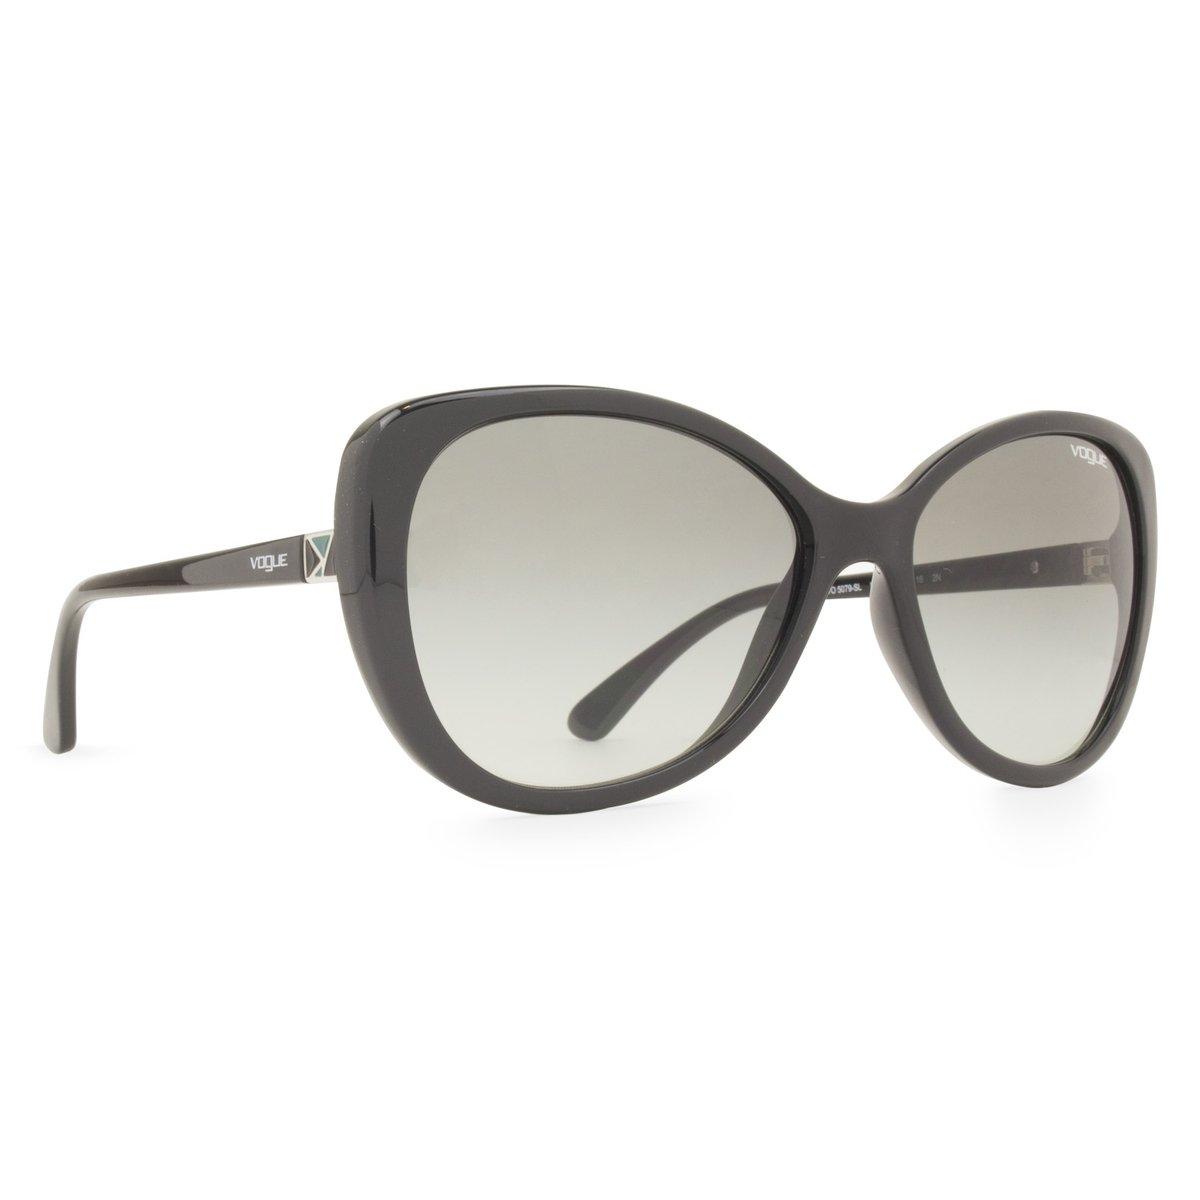 Óculos de Sol Vogue VO5079SL W44 11-57 Feminino - Compre Agora   Zattini f9a2b236b5